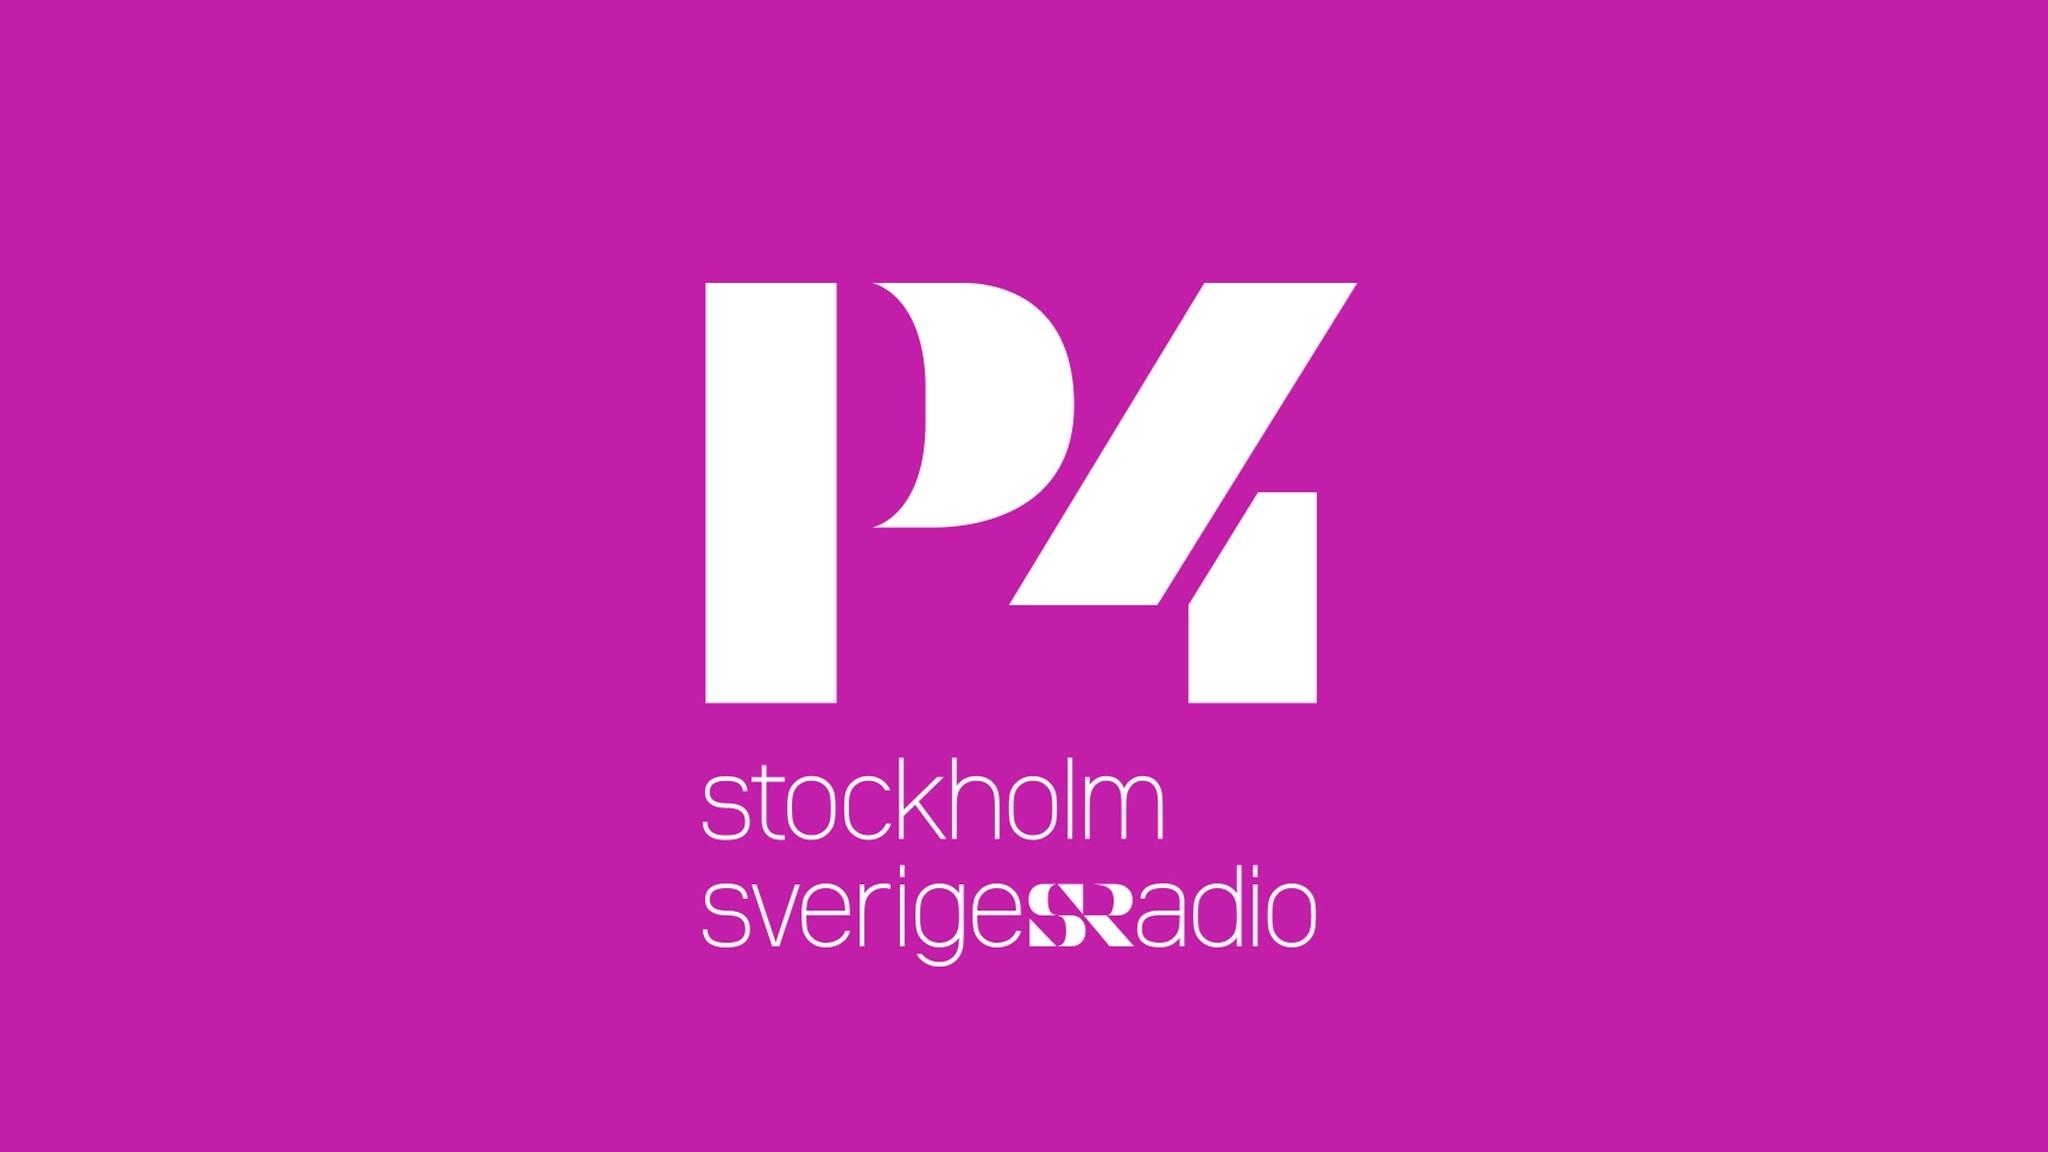 Radiointervju i P4 Stockholm. Sorundanet i radiointervju inför valet 2006! Kommunalrådet som tipsade oss om att bilda parti verkar negativ.